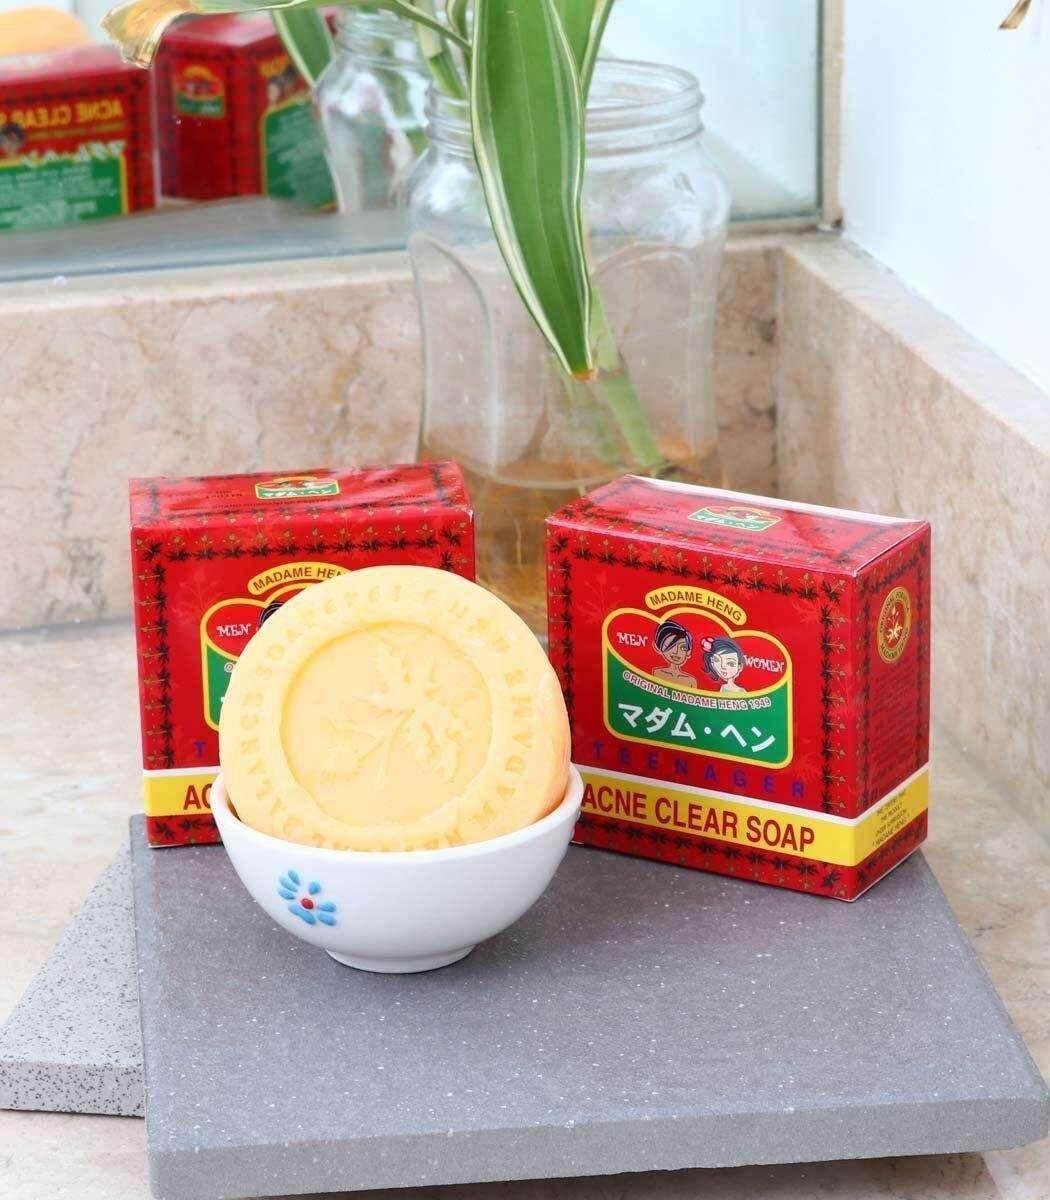 สบู่ป้องกันสิว Madame Heng Acne Clear Soap